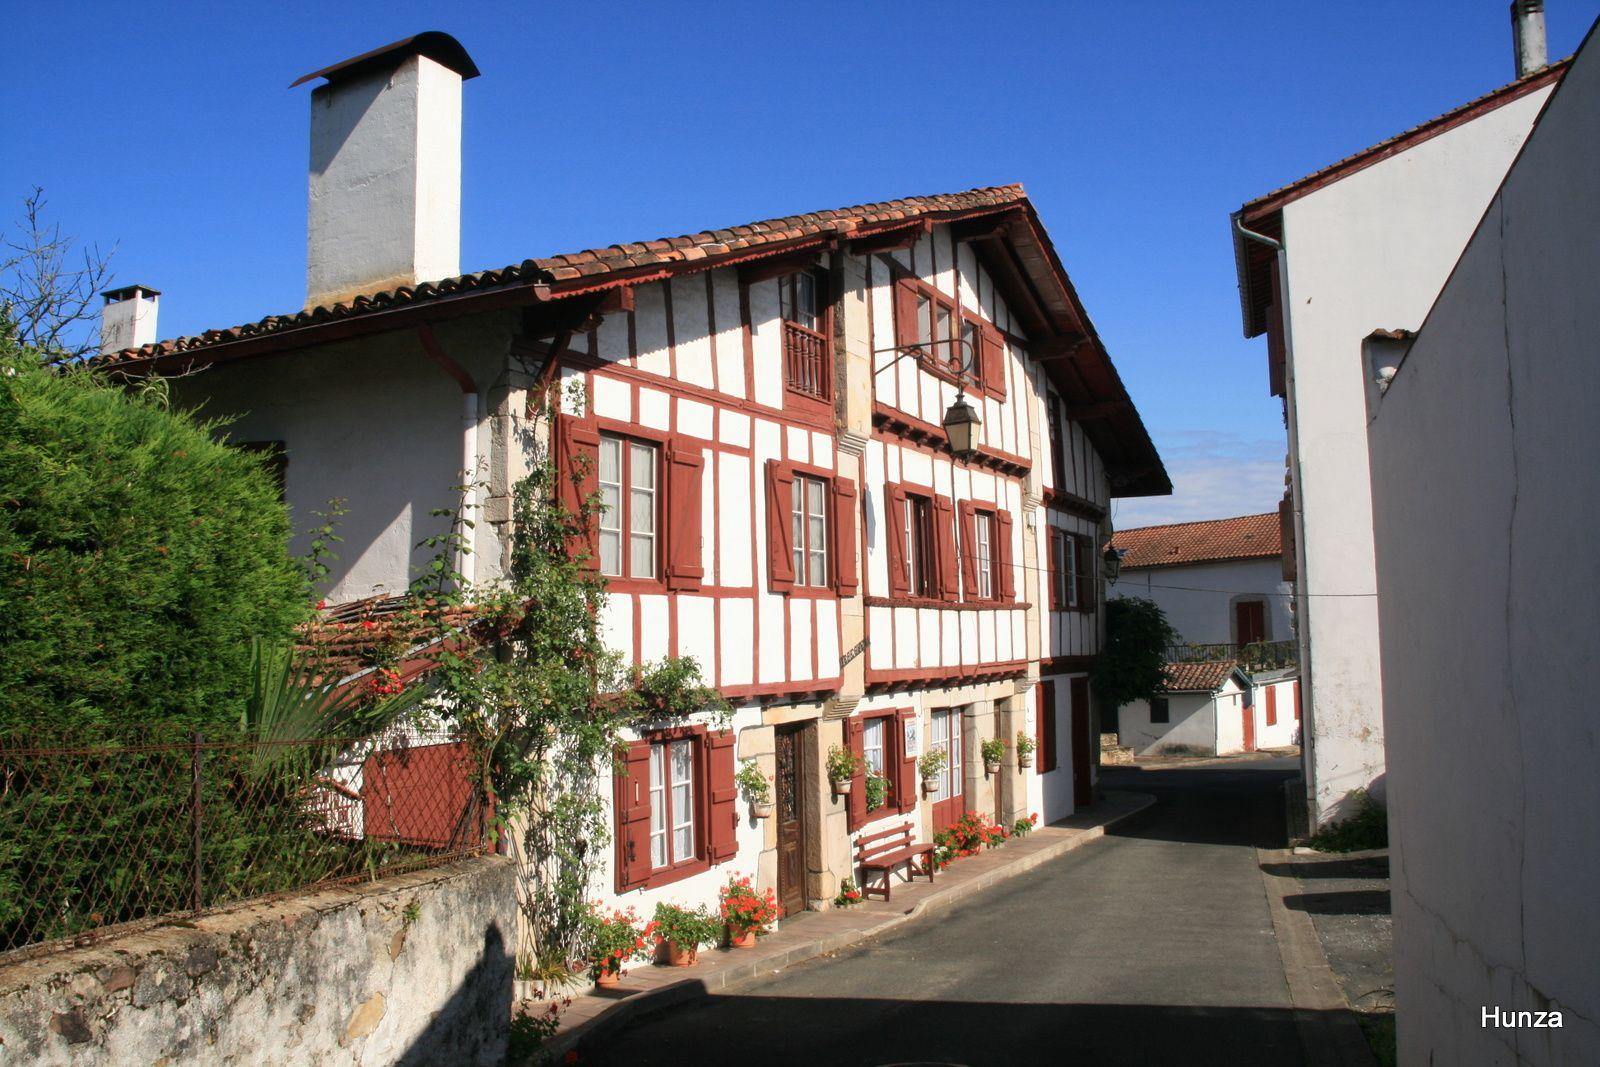 Etxe Chourria Xuria : c'est l'une voire la plus vieille maison d'Ascain